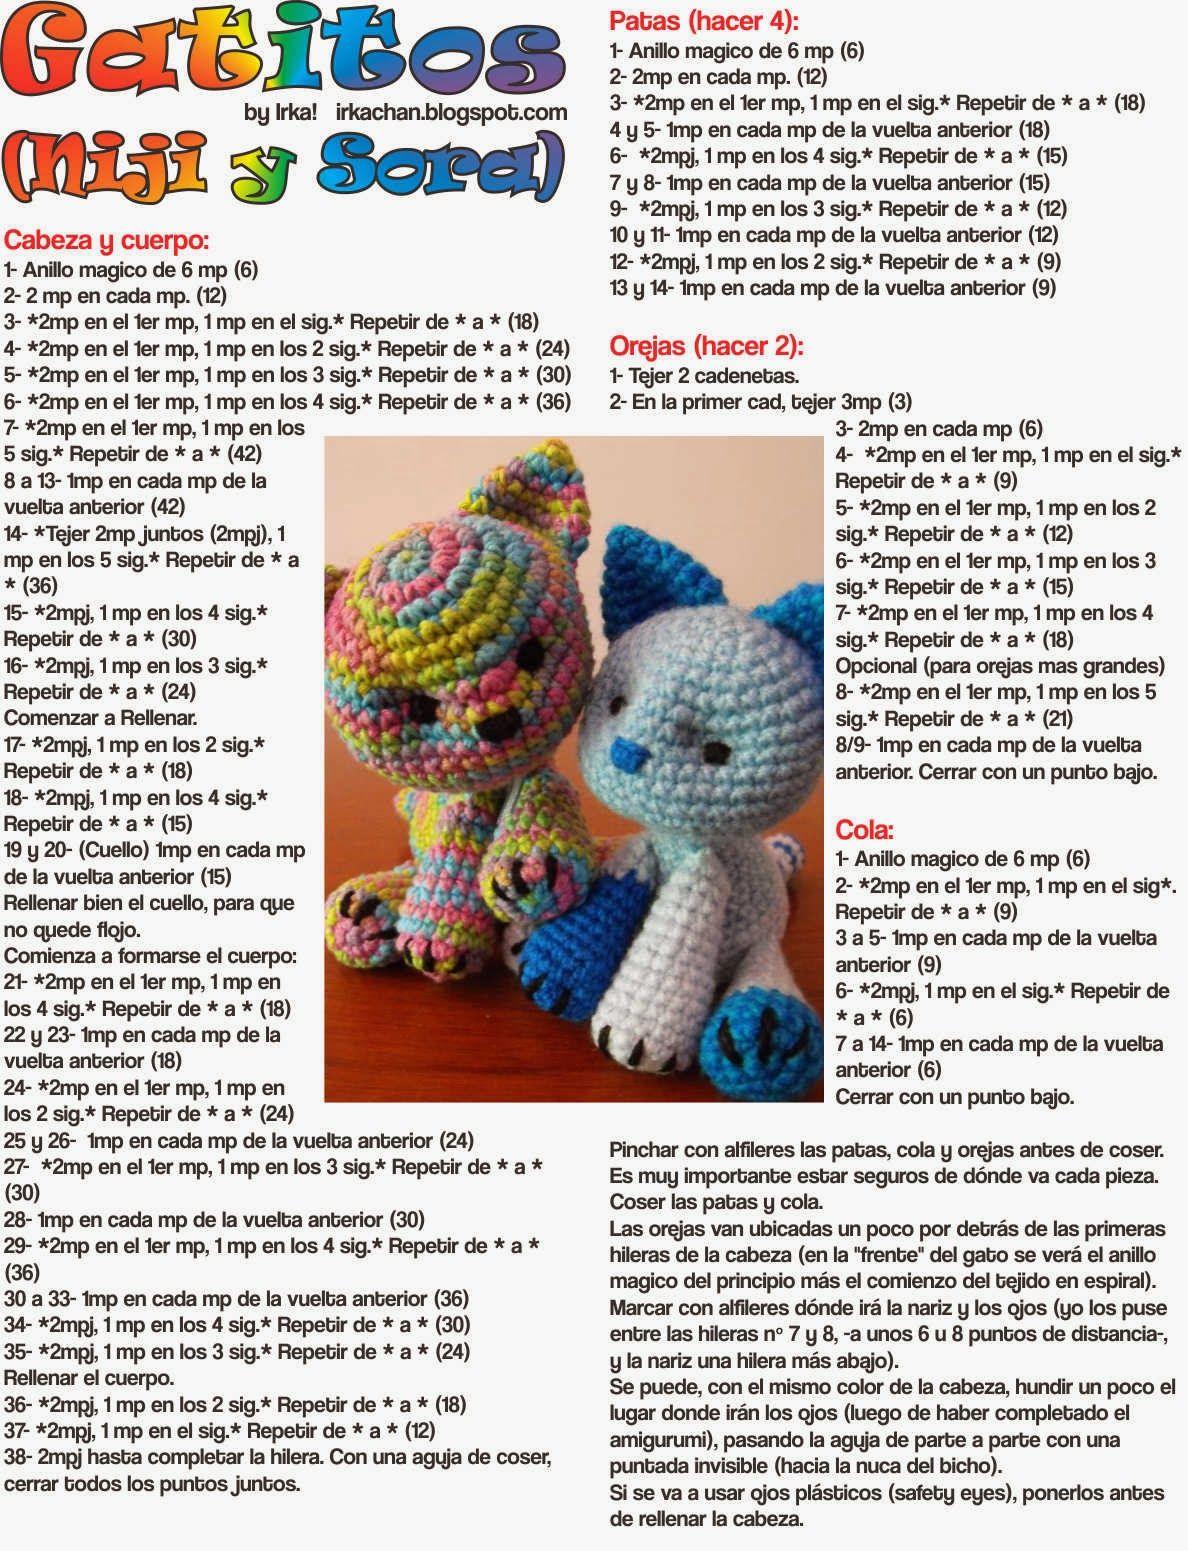 Irka!: Gatitos Multicolor - Patron Gratis | amiguri | Pinterest ...